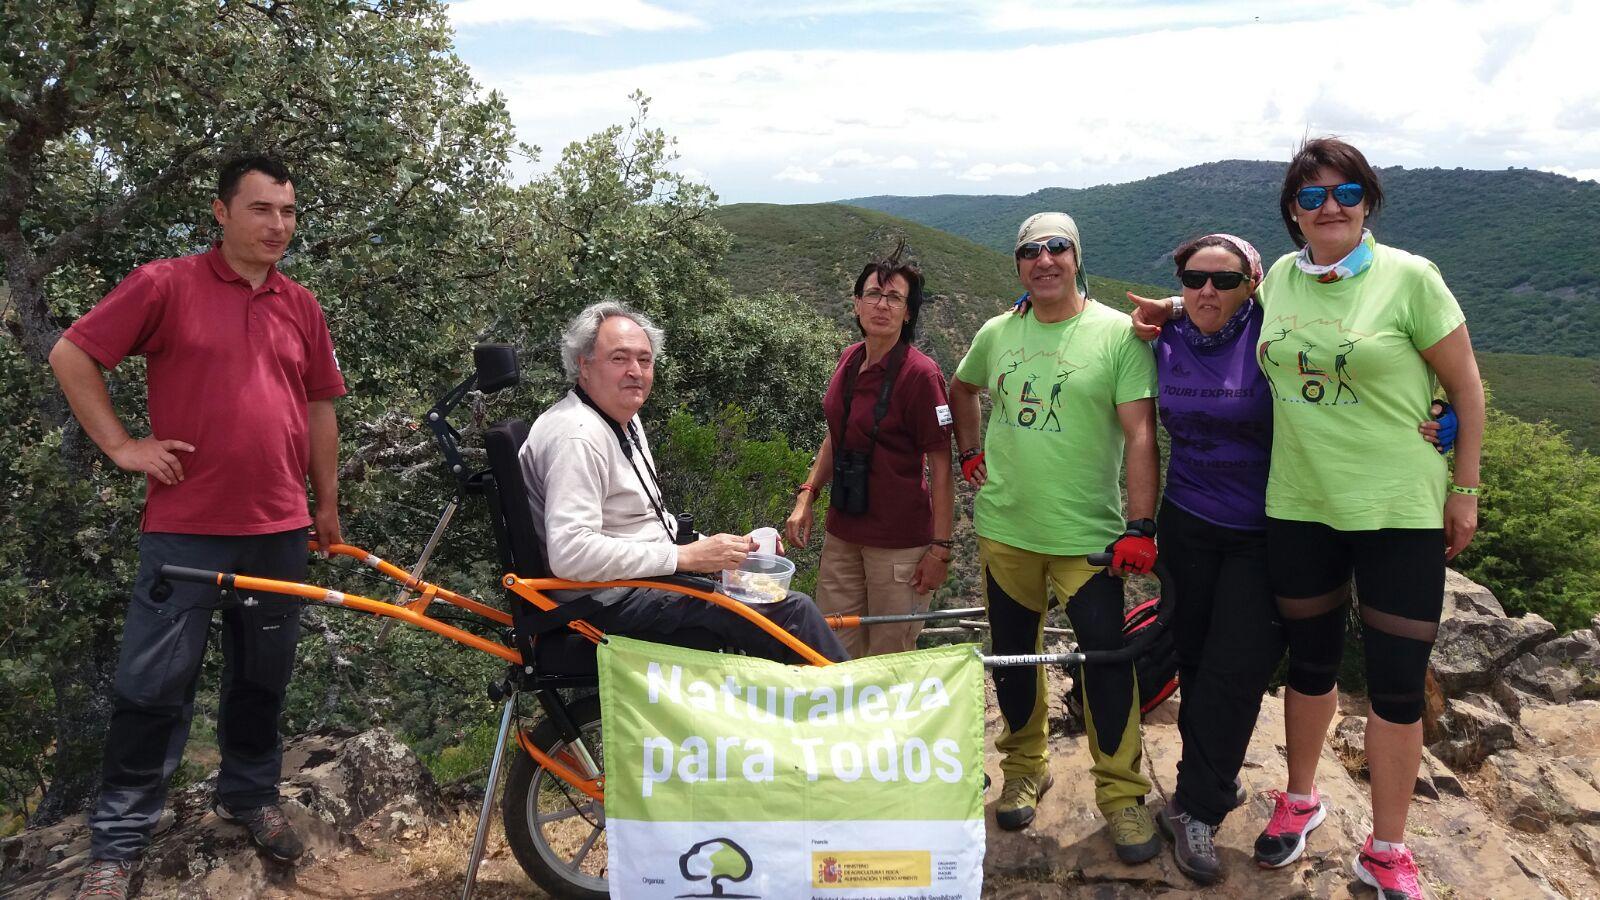 Más de 20 personas con movilidad reducida han participado en rutas por Parques Nacionales en 2018